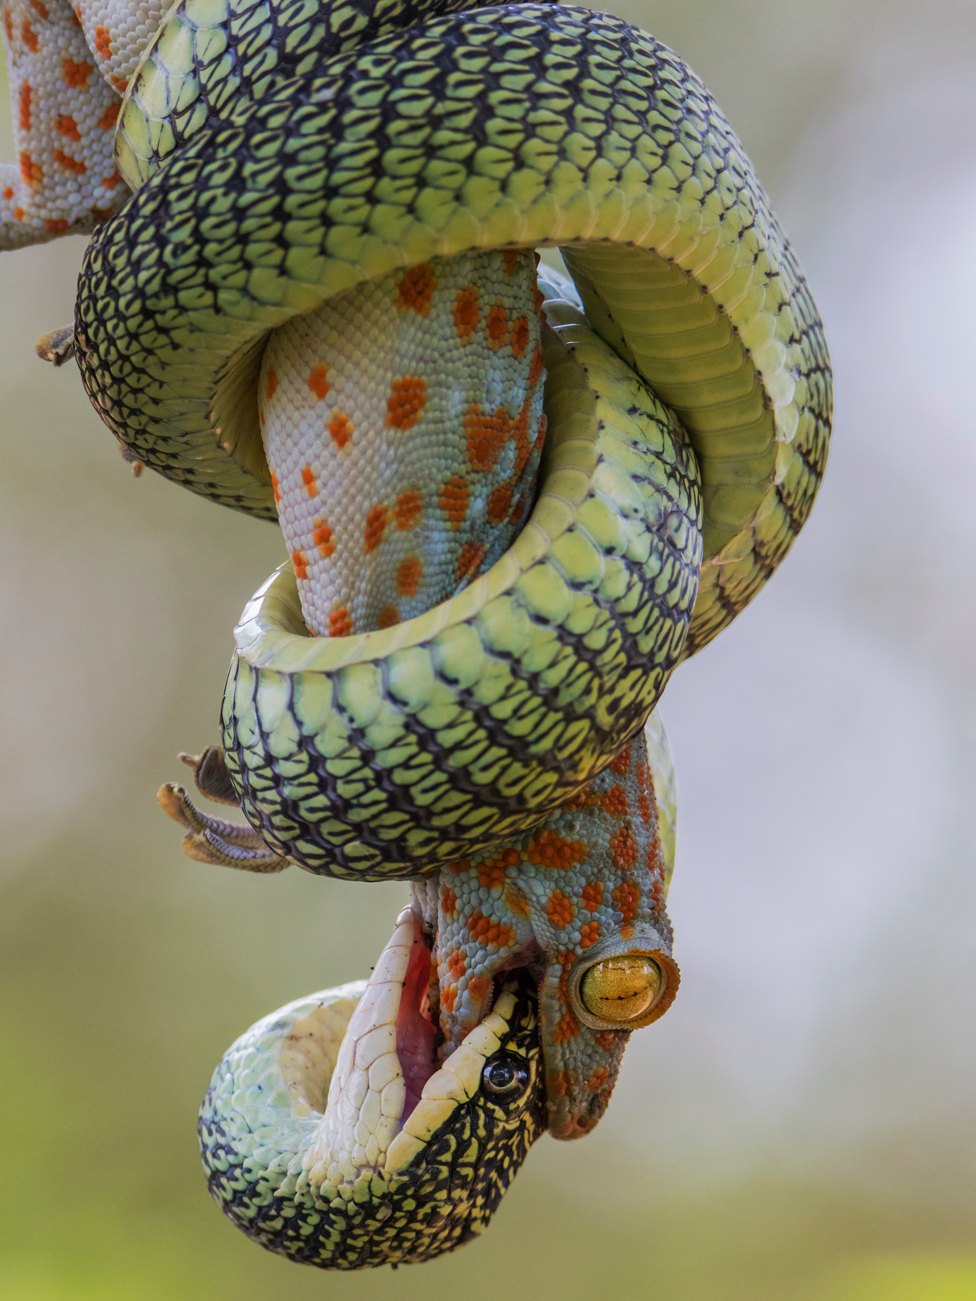 Tokajski gekon grize i napada uprkos tome što ga je obmotala takozvana leteća zmija